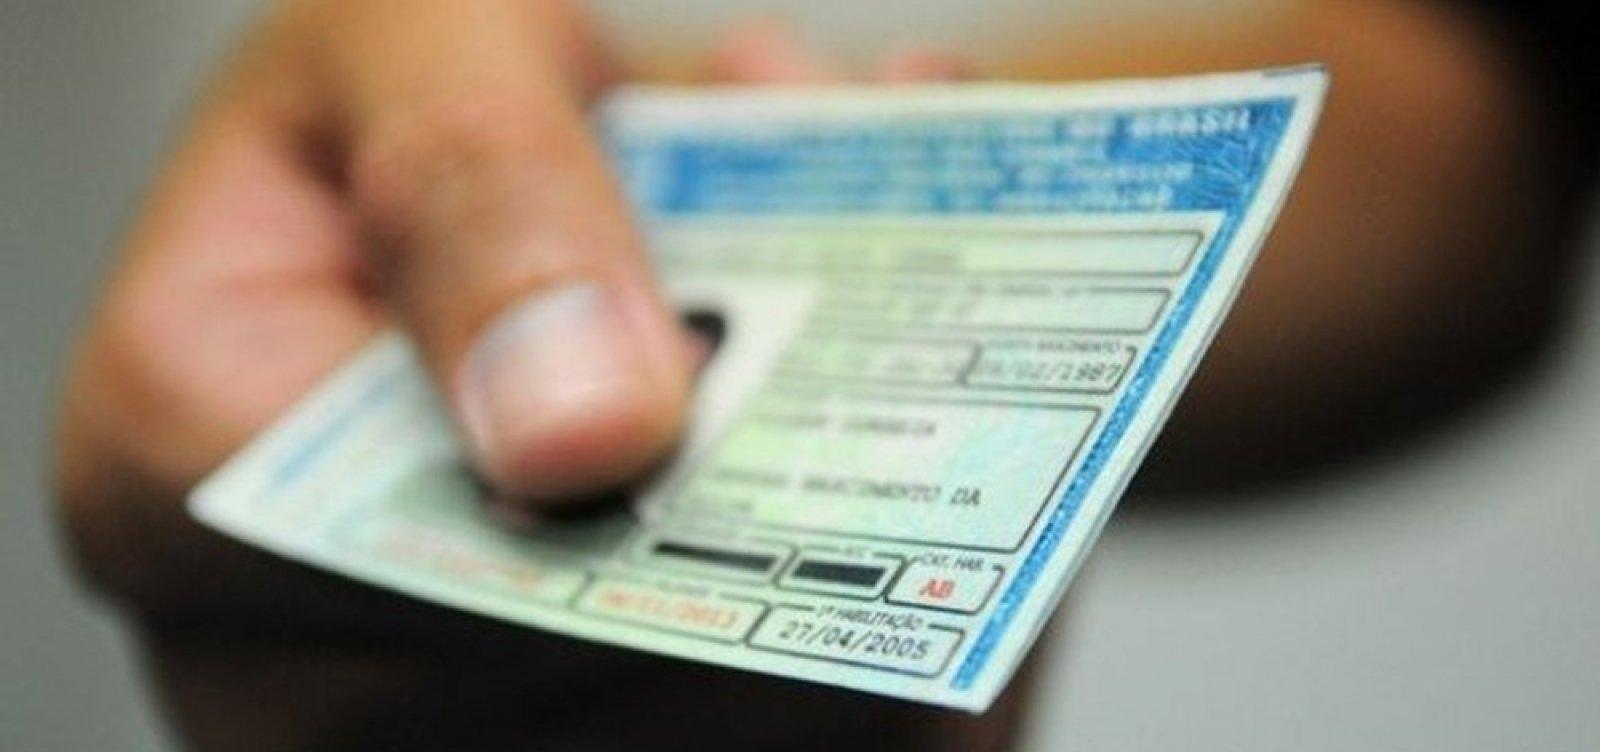 [Governo quer dobrar limite para suspensão da CNH, diz ministro]